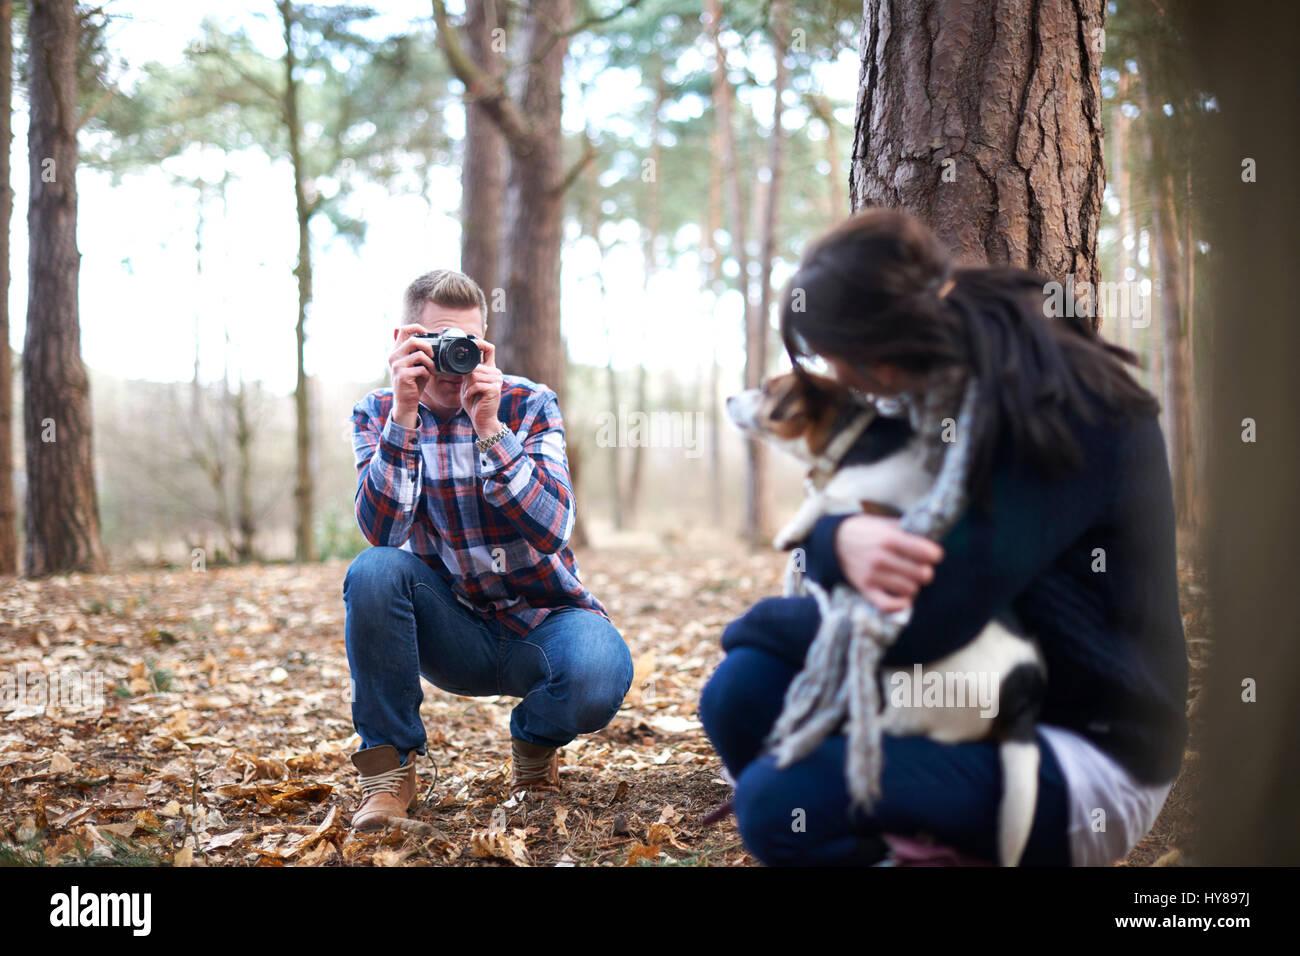 Un uomo prende una foto della sua compagna e il suo cane come si cammina nel bosco Foto Stock